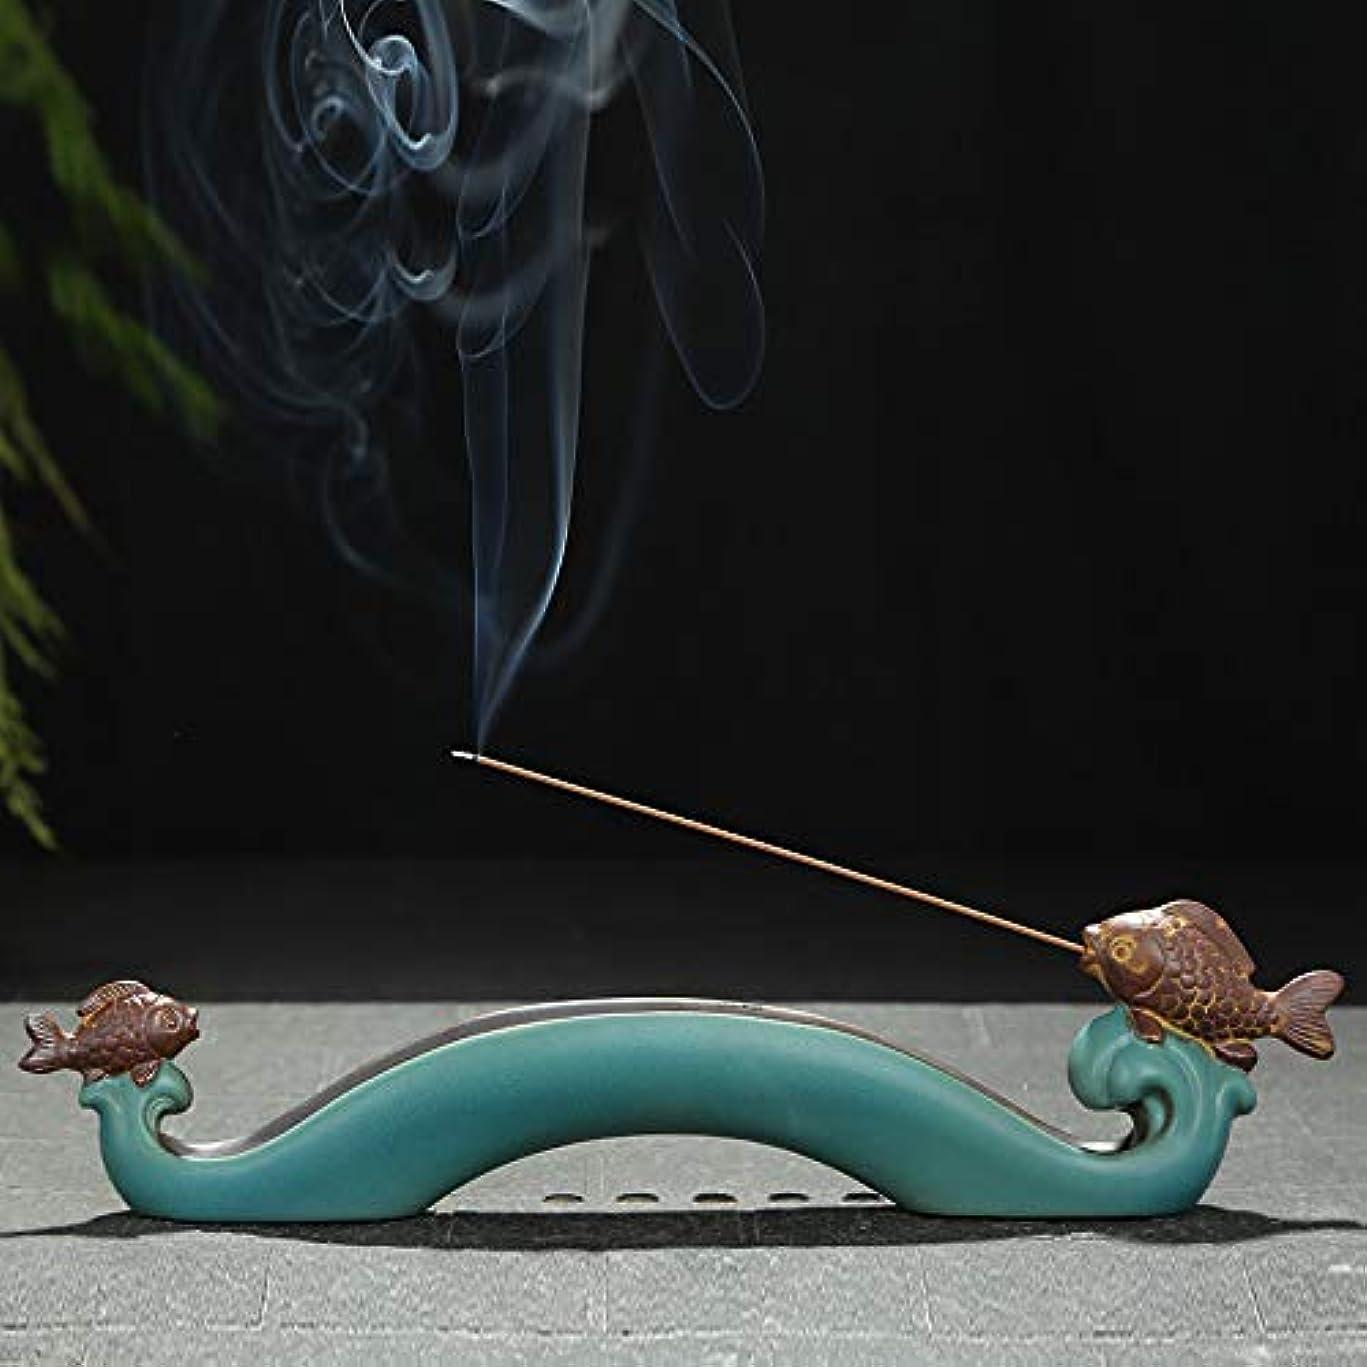 めったにリングレット不透明なPHILOGOD 香炉 陶器クリエイティブ鯉のスタイリング線香 香立てお香 ホルダー 香皿